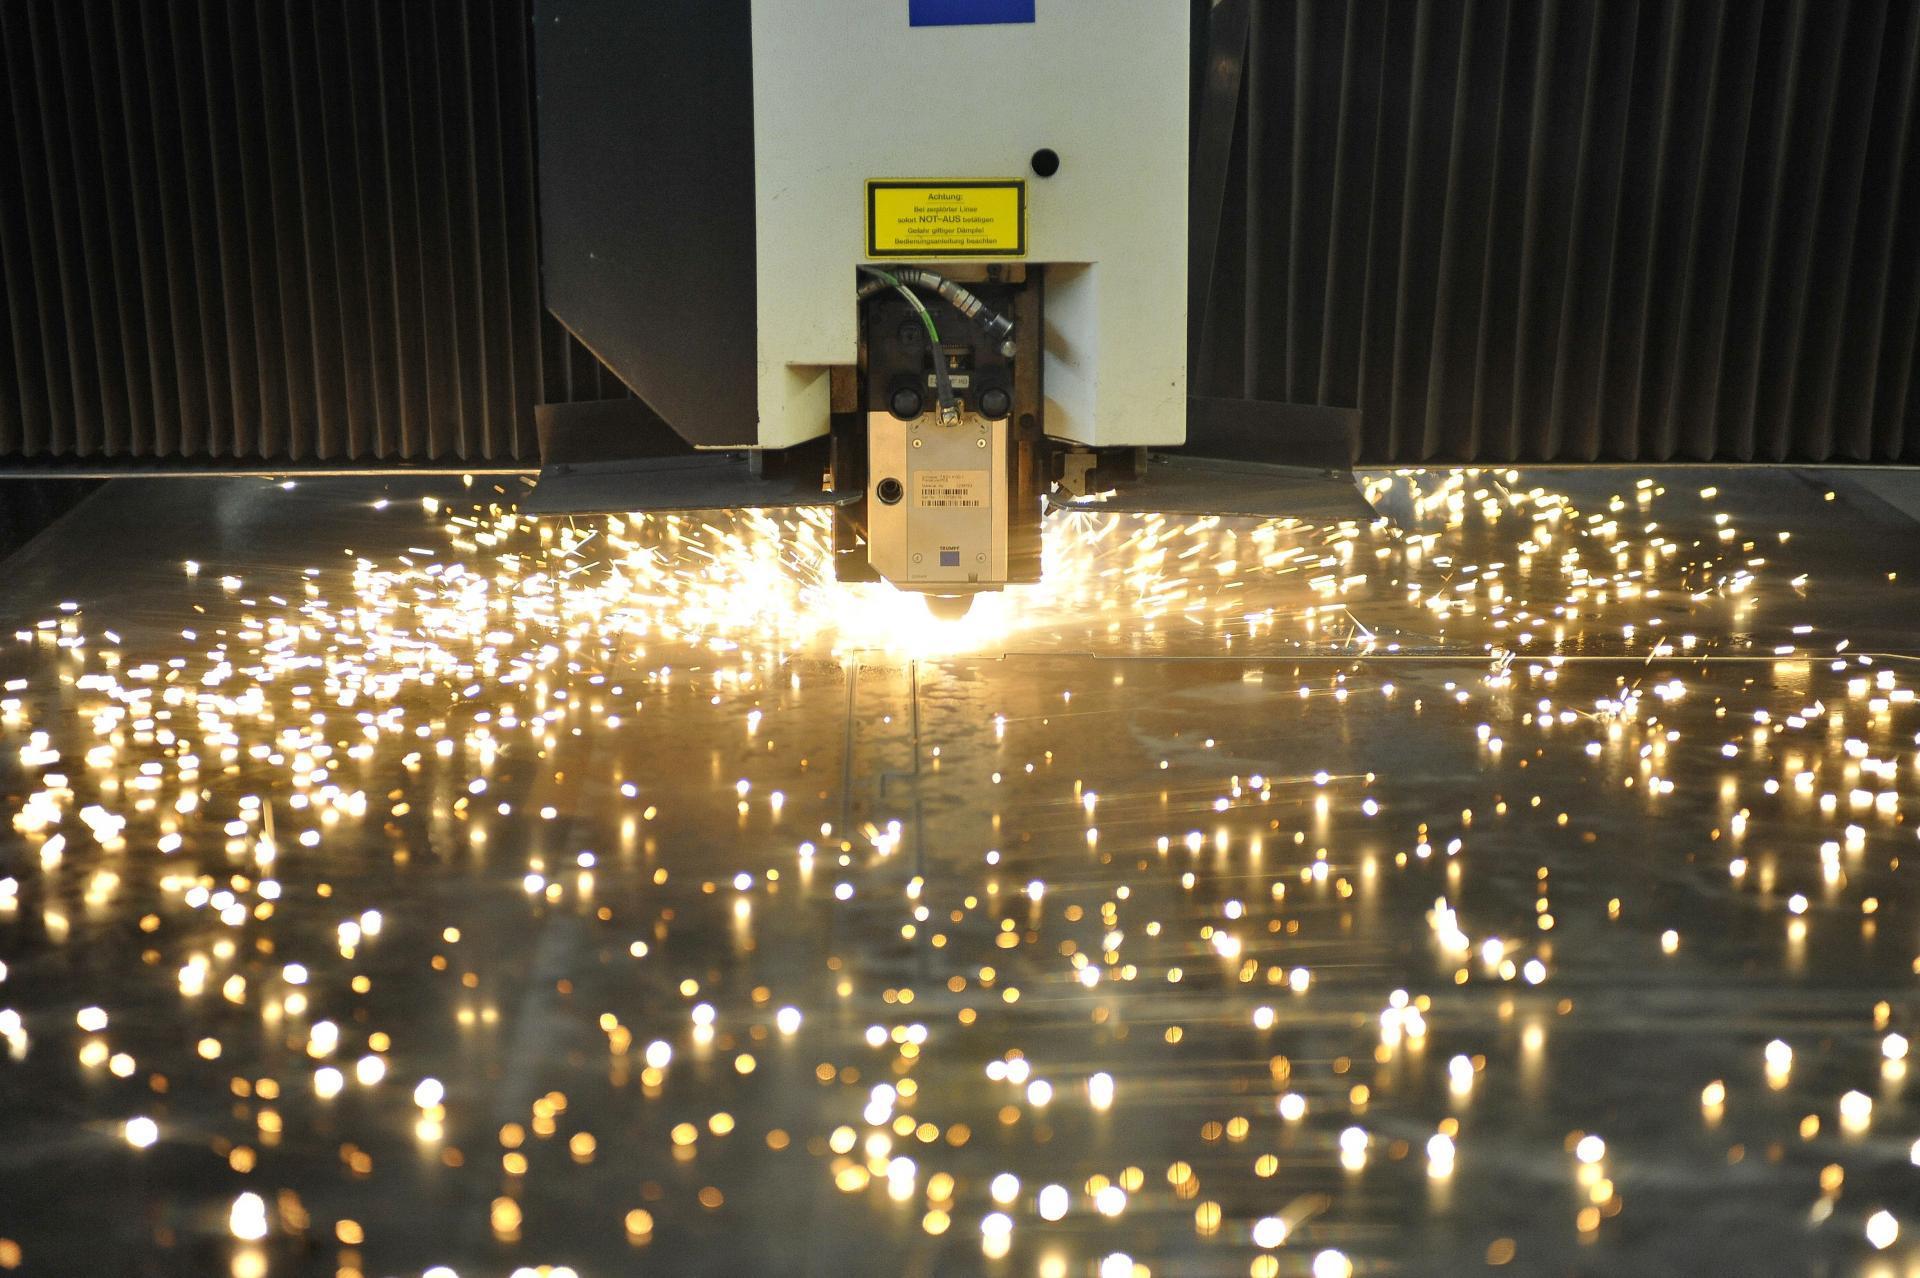 Laserschneider scheidet Teile aus einem Blech